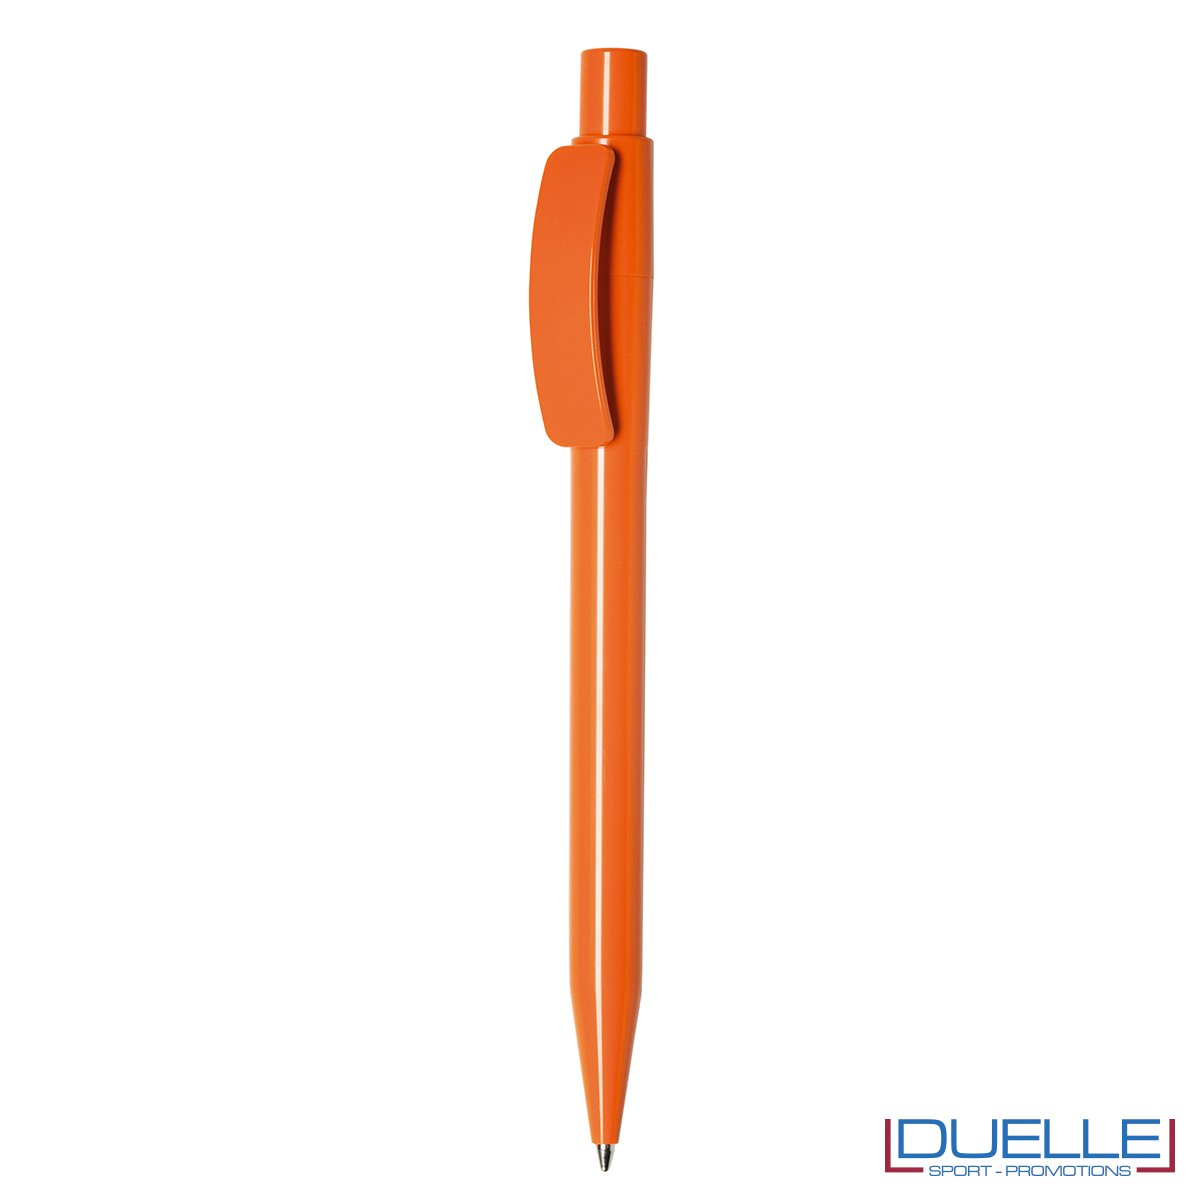 Penna Made in Italy personalizzata fusto arancione, gadget aziendali, penne personalizzate, gadget personalizzati, articoli promozionali